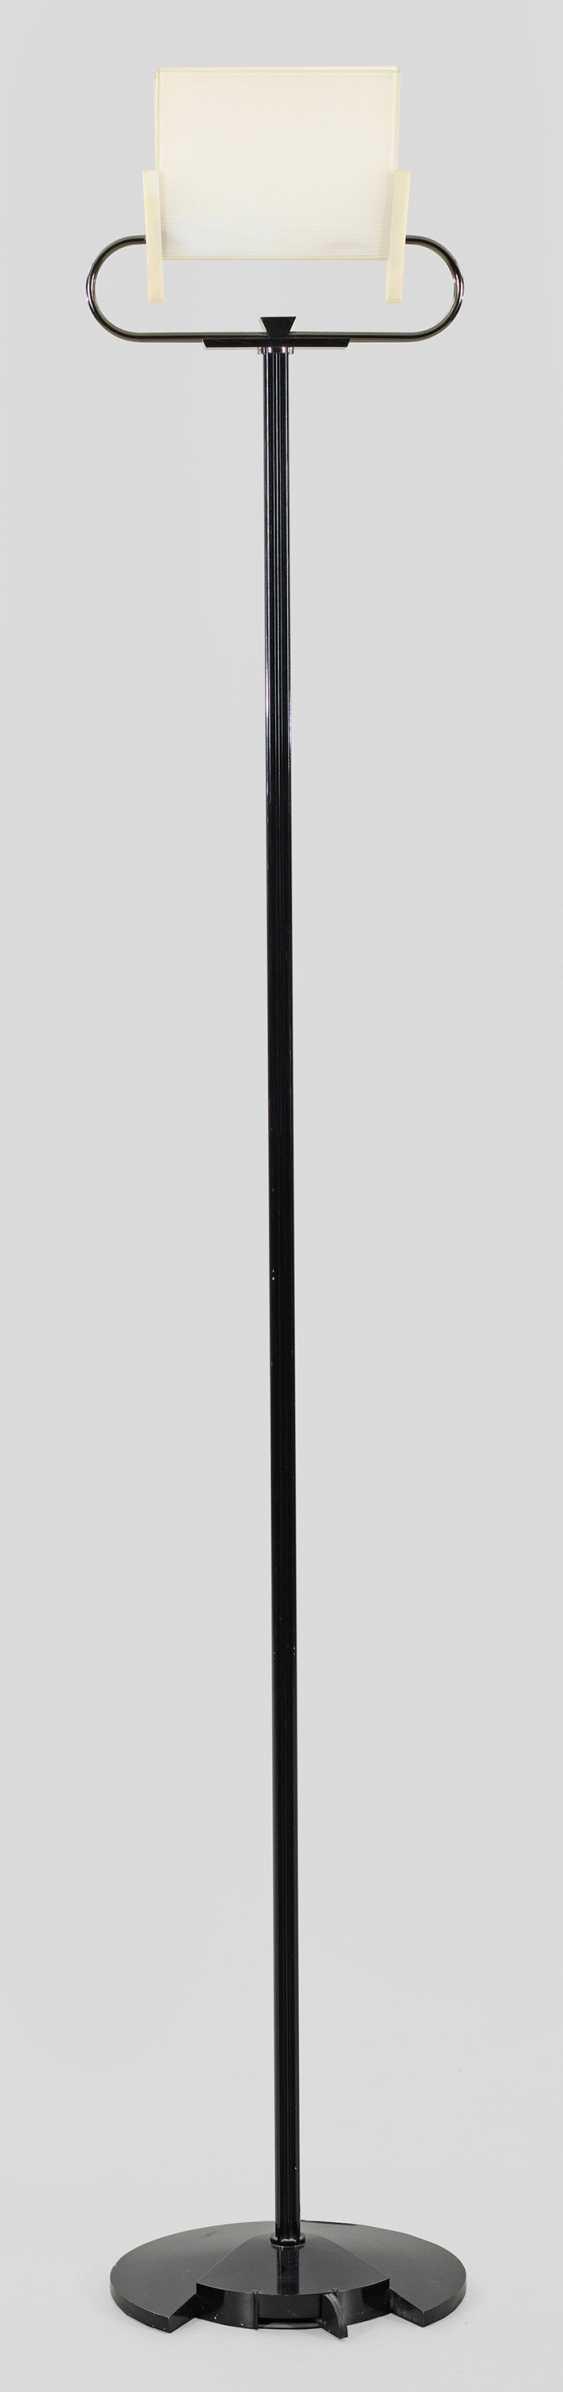 Vintage Stehlampe 'Triana' von ArteLuce - photo 1